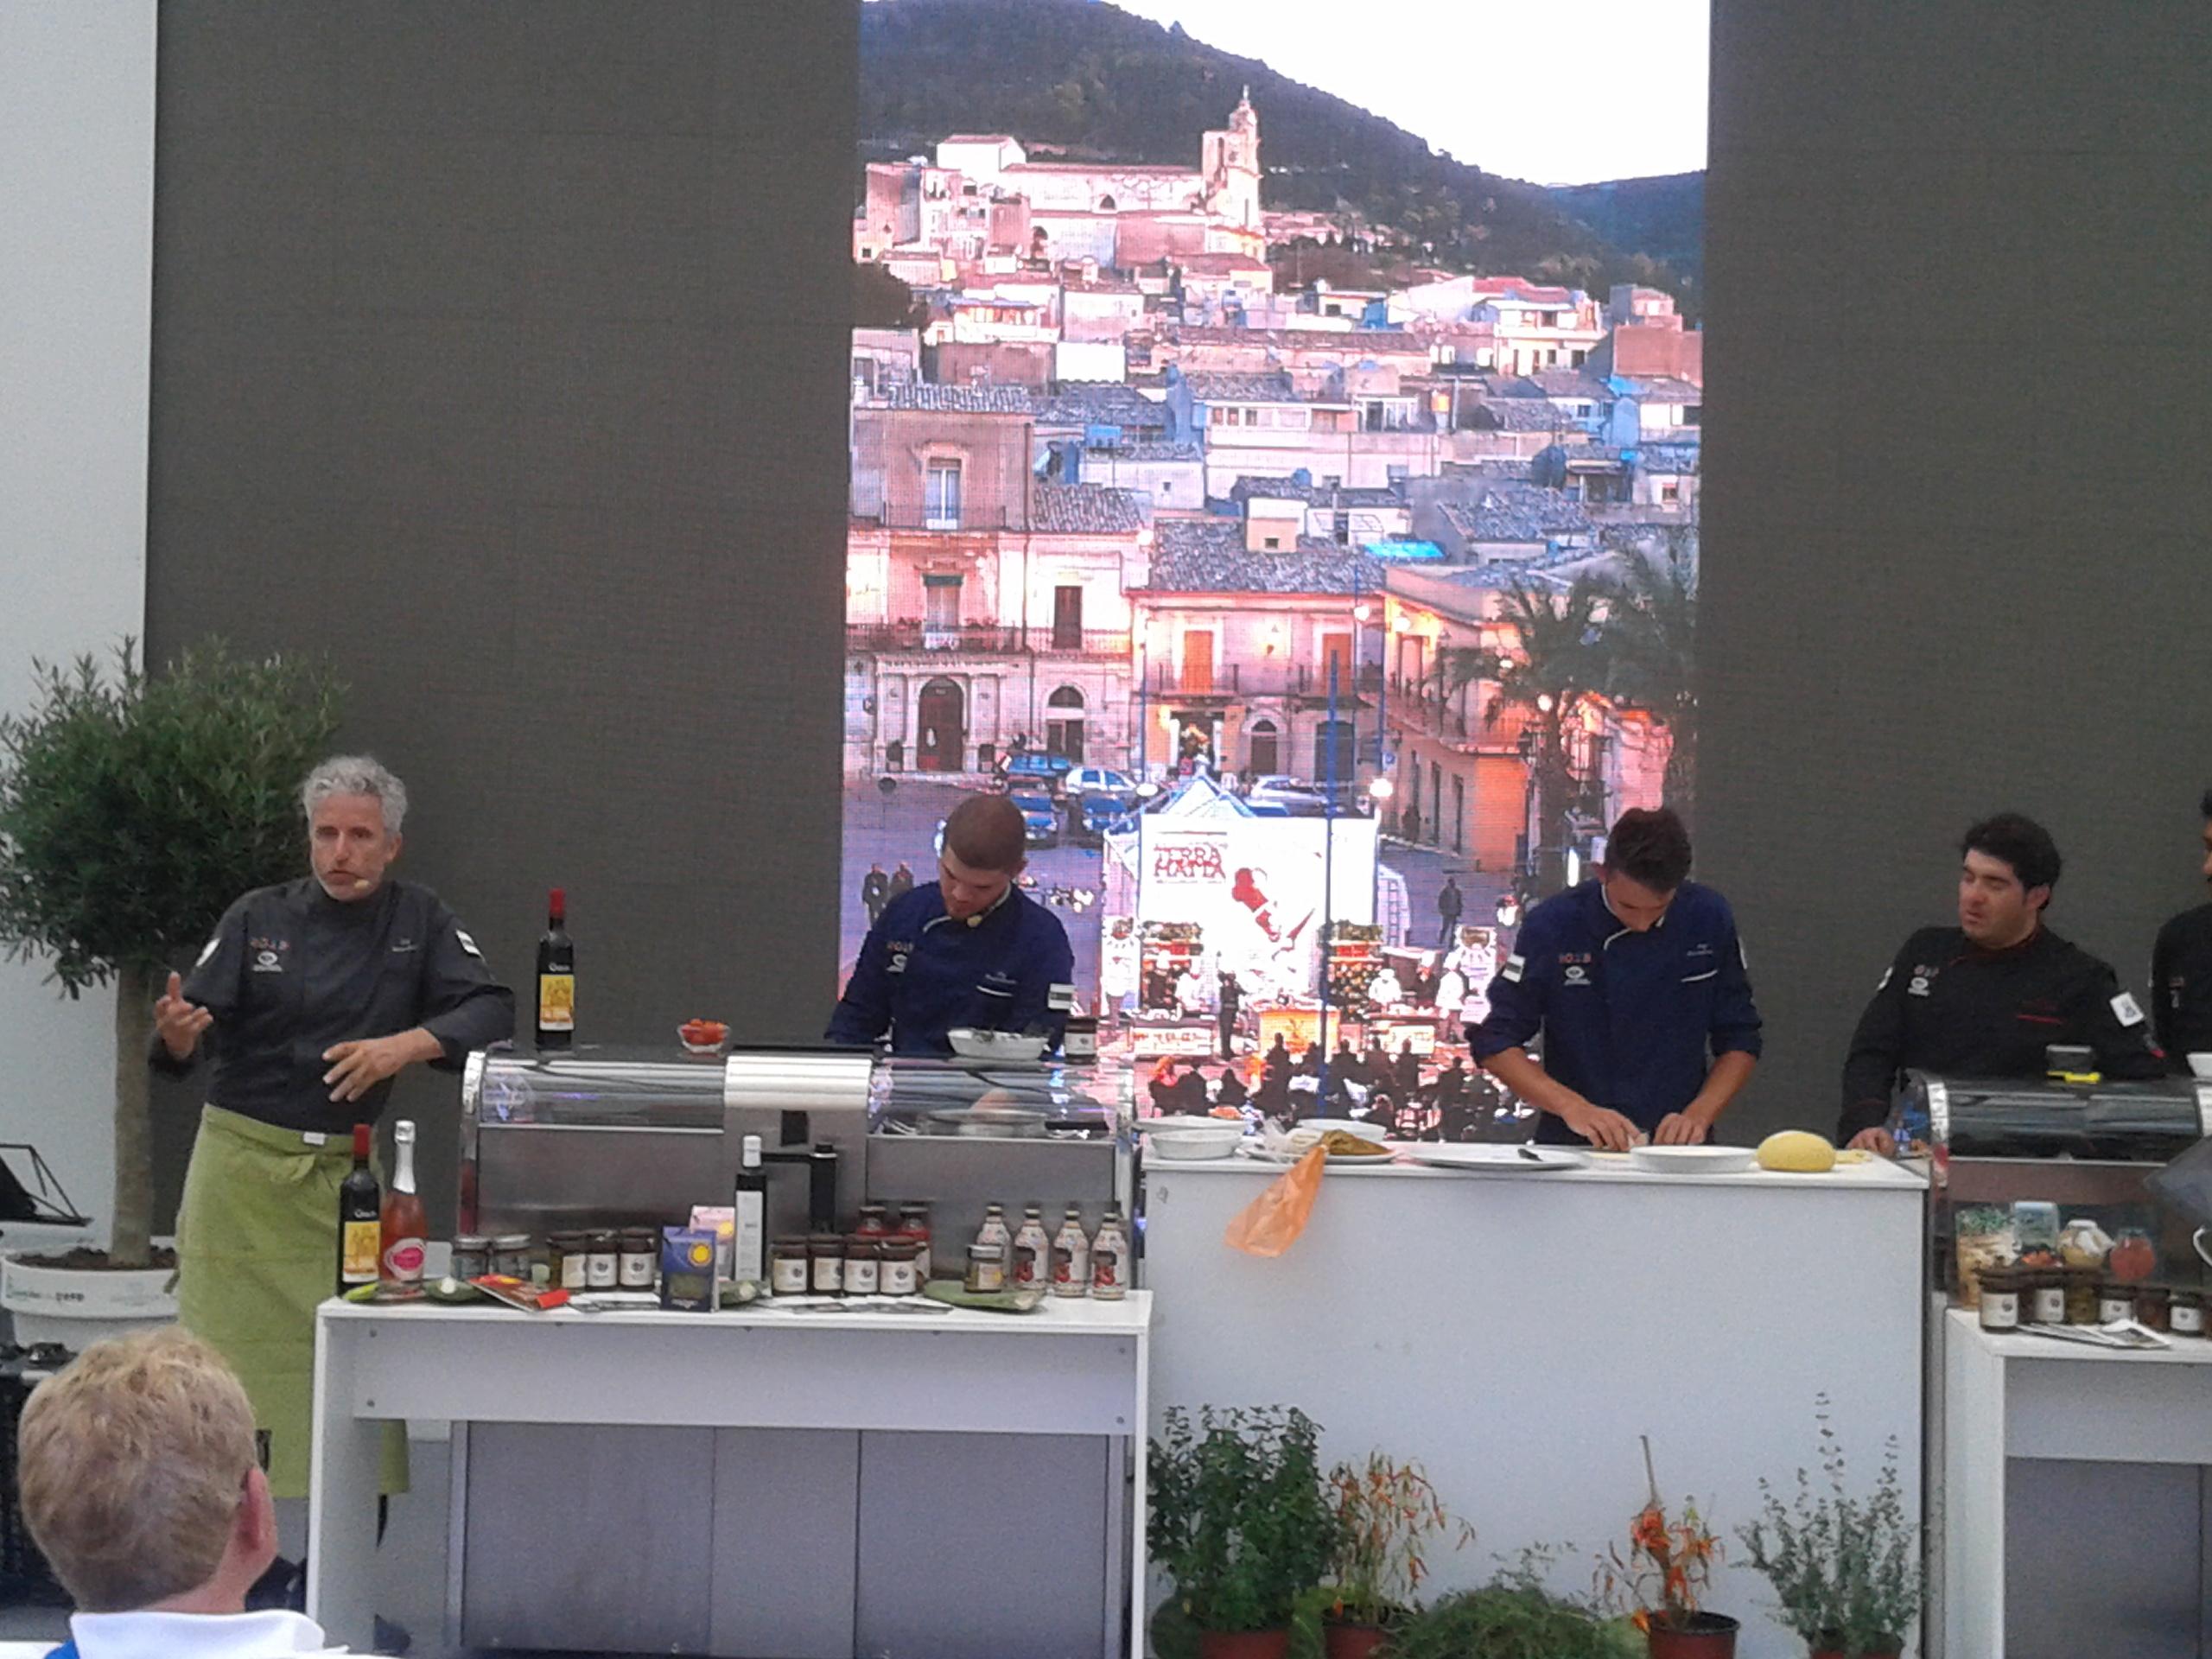 Expo 2015, Consorzio Chiaramonte e eccellenze enogastronomiche iblee protagonisti nella settimana del Barocco al cluster BioMediterraneo